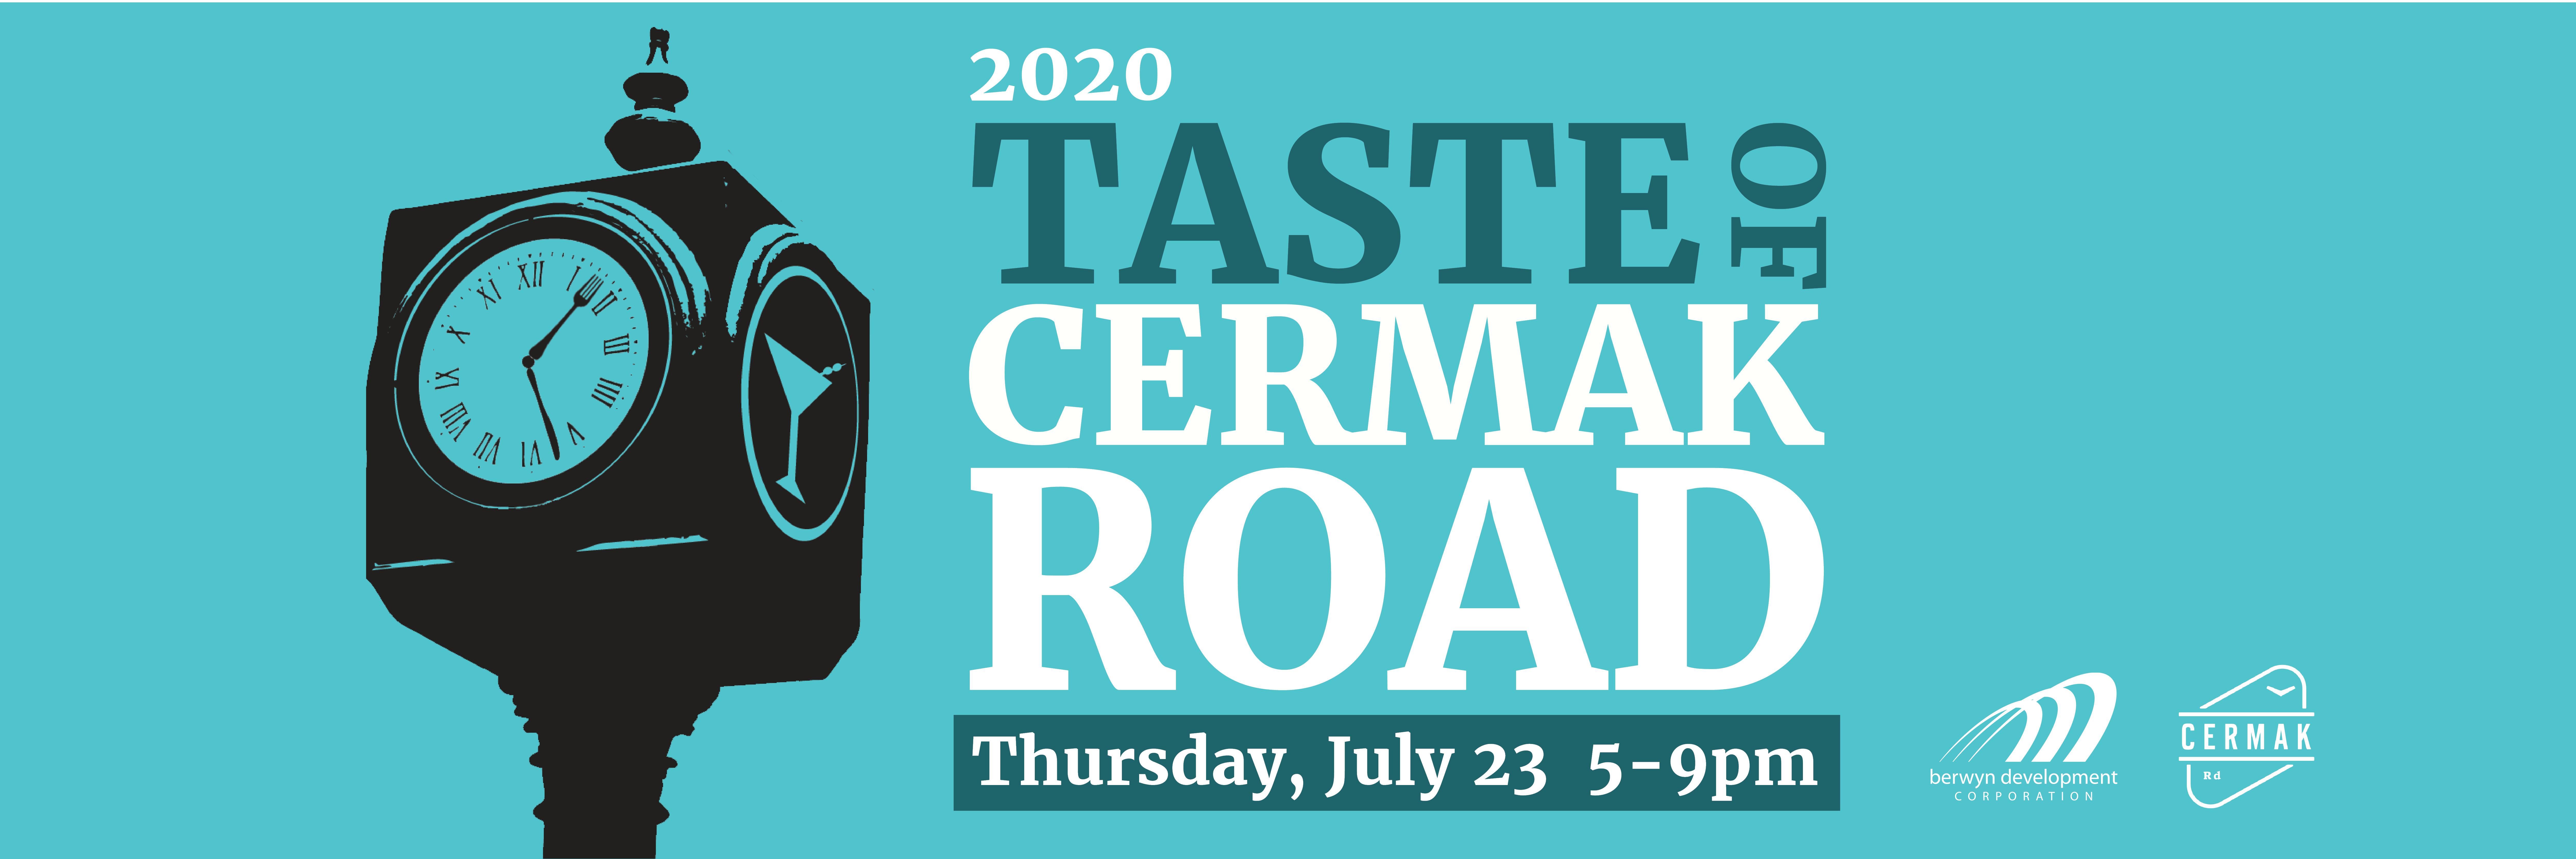 Taste-of-Cermak--ChamberMaster-Slider-2020.jpg